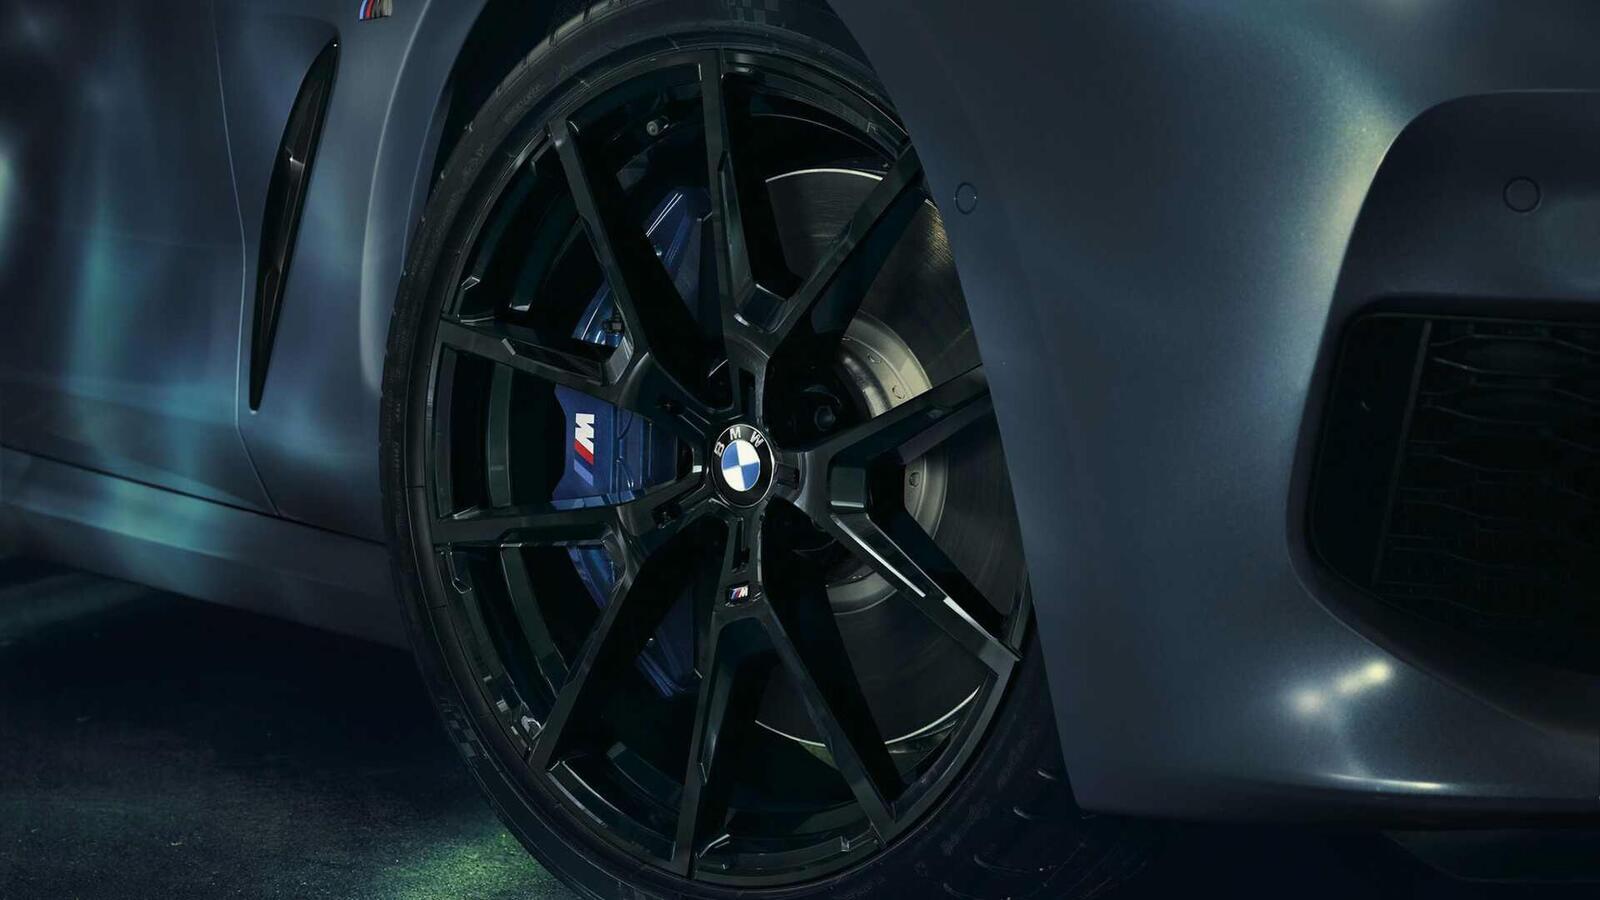 """BMW giới thiệu M850i xDrive Coupe """"First Edition"""" giới hạn sản xuất 400 chiếc trên toàn thế giới - Hình 4"""